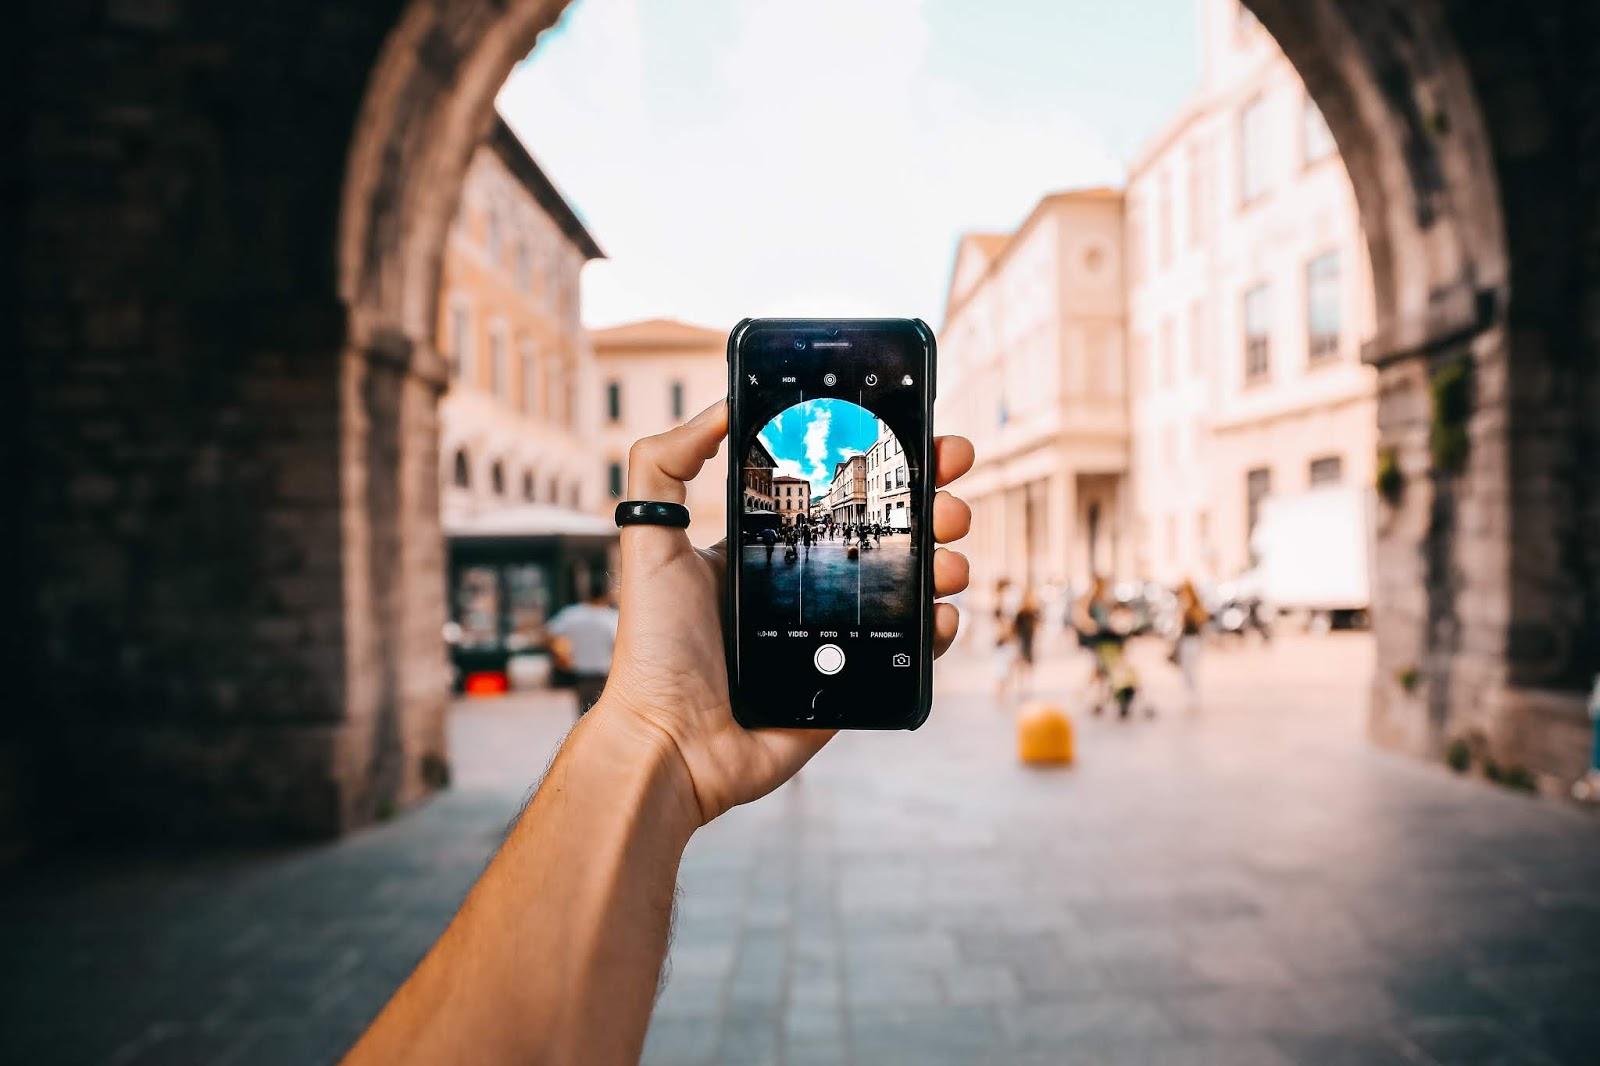 jak robić dobre zdjęcia na instagramie jak stworzyć perfekcyjny feed konto na instagramie spójny profil zdjęcia jak obrabiać blog porady tricki inspiracje